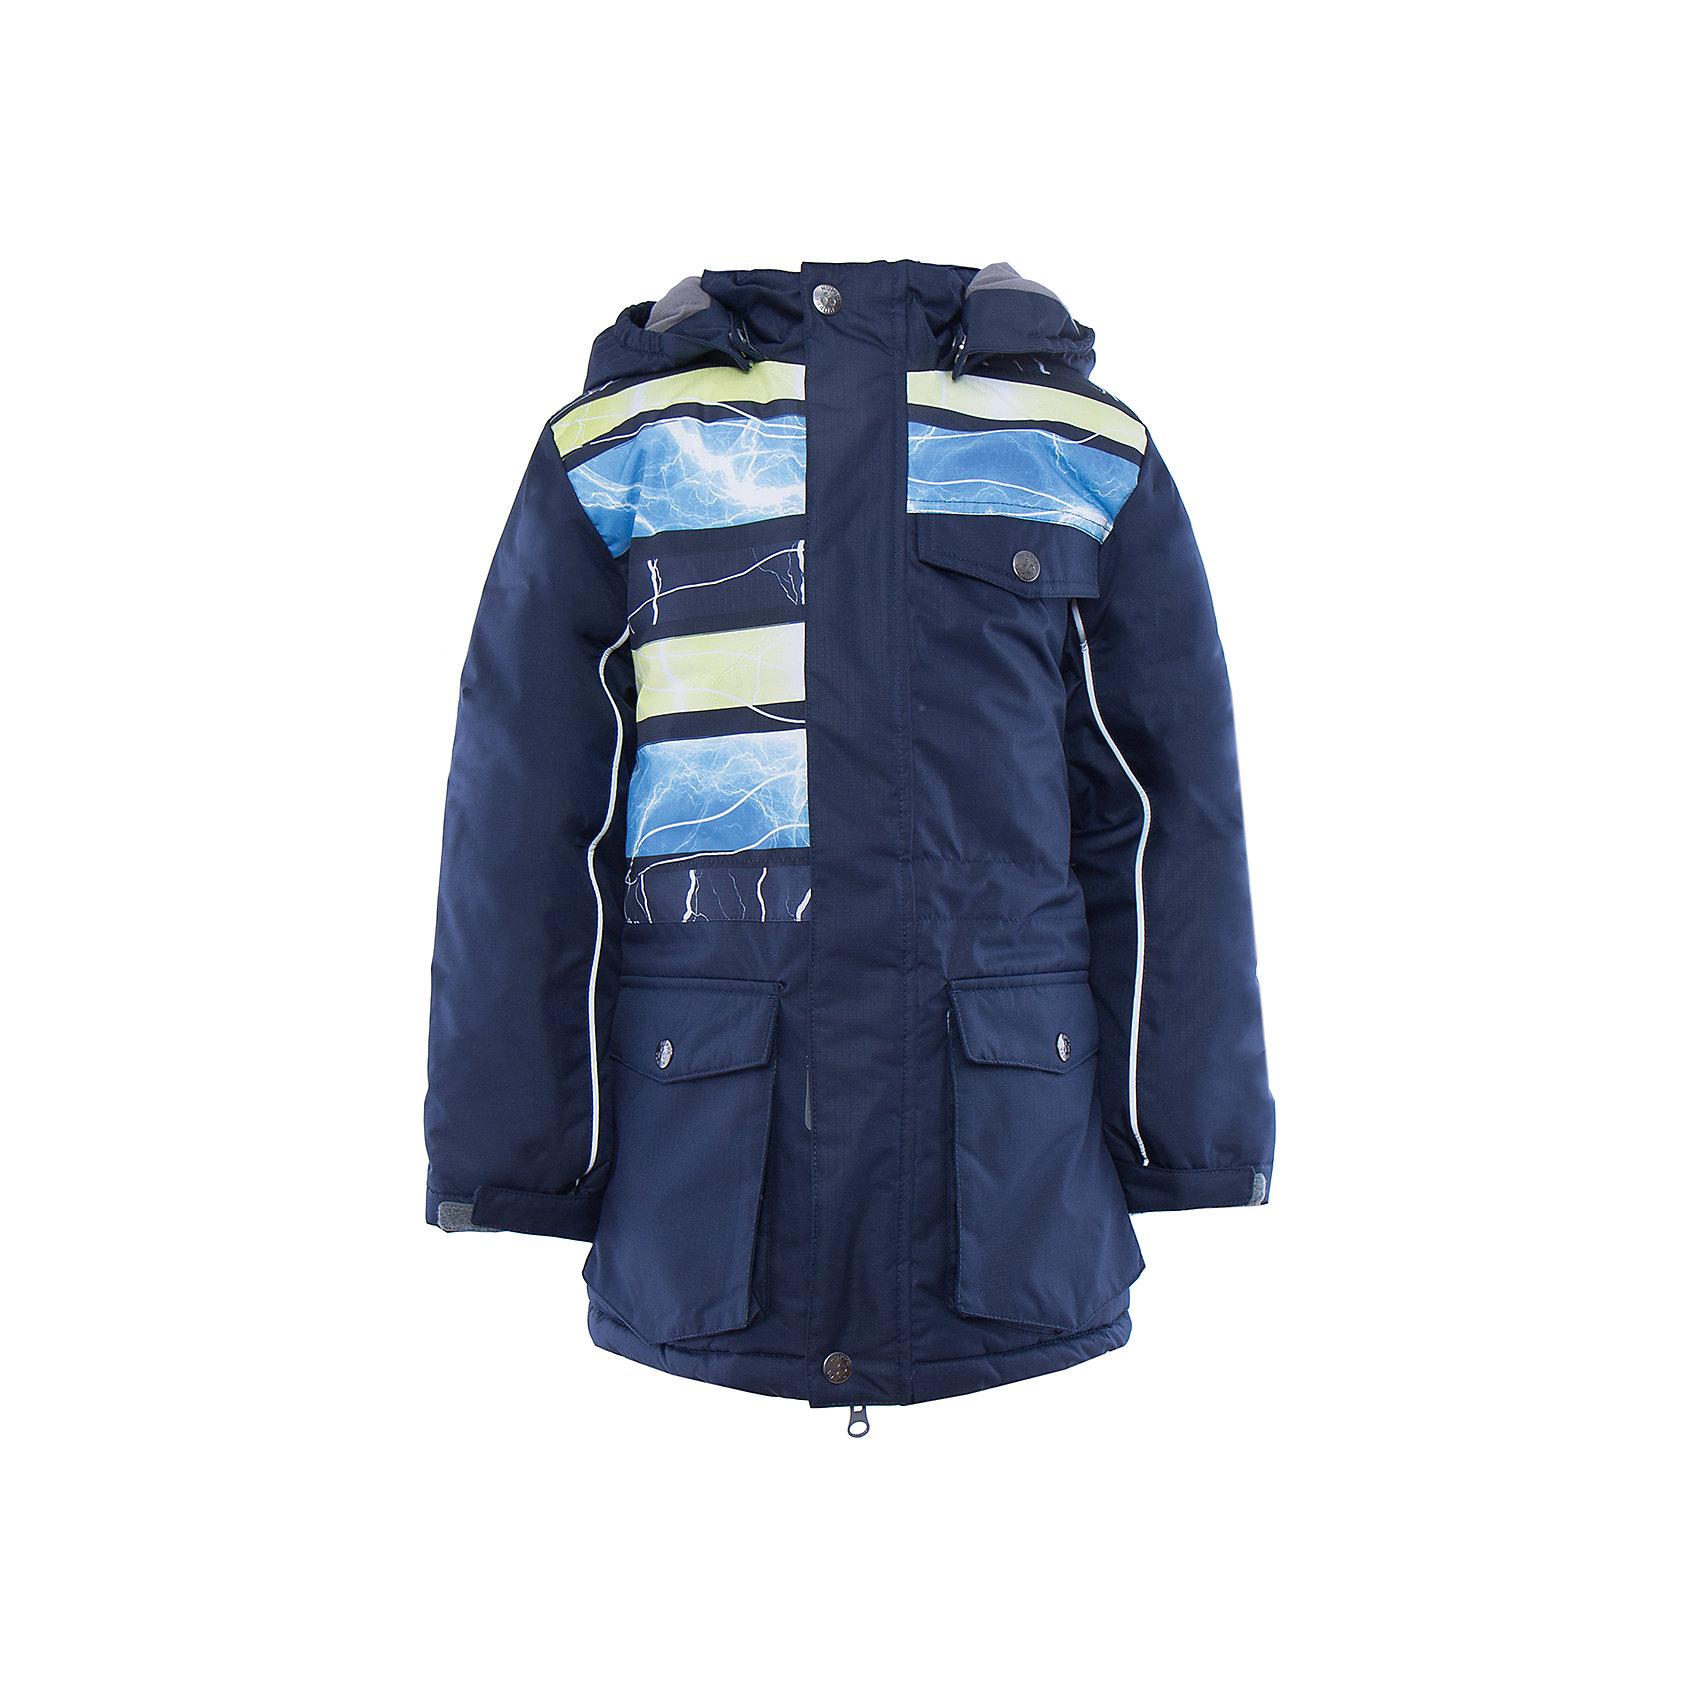 Куртка   для мальчика HuppaЗимние куртки<br>Стильная куртка AMIKA Huppa(Хуппа).<br><br>Утеплитель: 100% полиэстер, 300 гр.<br><br>Температурный режим: до -30 градусов. Степень утепления – высокая. <br><br>* Температурный режим указан приблизительно — необходимо, прежде всего, ориентироваться на ощущения ребенка. Температурный режим работает в случае соблюдения правила многослойности – использования флисовой поддевы и термобелья.<br><br>Изготовлена из  качественных прочных материалов. Благодаря специальной мембране, холодный воздух и вода не проникнут под одежду, а лишняя влага, выделяемая телом, не задержится под одеждой. Швы куртки проклеены водоустойчивой лентой. Резинки на талии и манжетах препятствуют попаданию снега. Куртка имеет 3 кармана на кнопках, удобный капюшон и светоотражающие полоски. В этой куртке прогулки пройдут в тепле и сухости!<br><br>Дополнительная информация:<br>Материал: 100% полиэстер<br>Подкладка: тафта, pritex - 100% полиэстер<br>Цвет: темно-синий <br><br>Вы можете приобрести куртку AMIKA Huppa(Хуппа) в нашем интернет-магазине.<br><br>Ширина мм: 356<br>Глубина мм: 10<br>Высота мм: 245<br>Вес г: 519<br>Цвет: синий<br>Возраст от месяцев: 48<br>Возраст до месяцев: 60<br>Пол: Мужской<br>Возраст: Детский<br>Размер: 110,164,158,152,146,140,134,128,122,116<br>SKU: 4928107